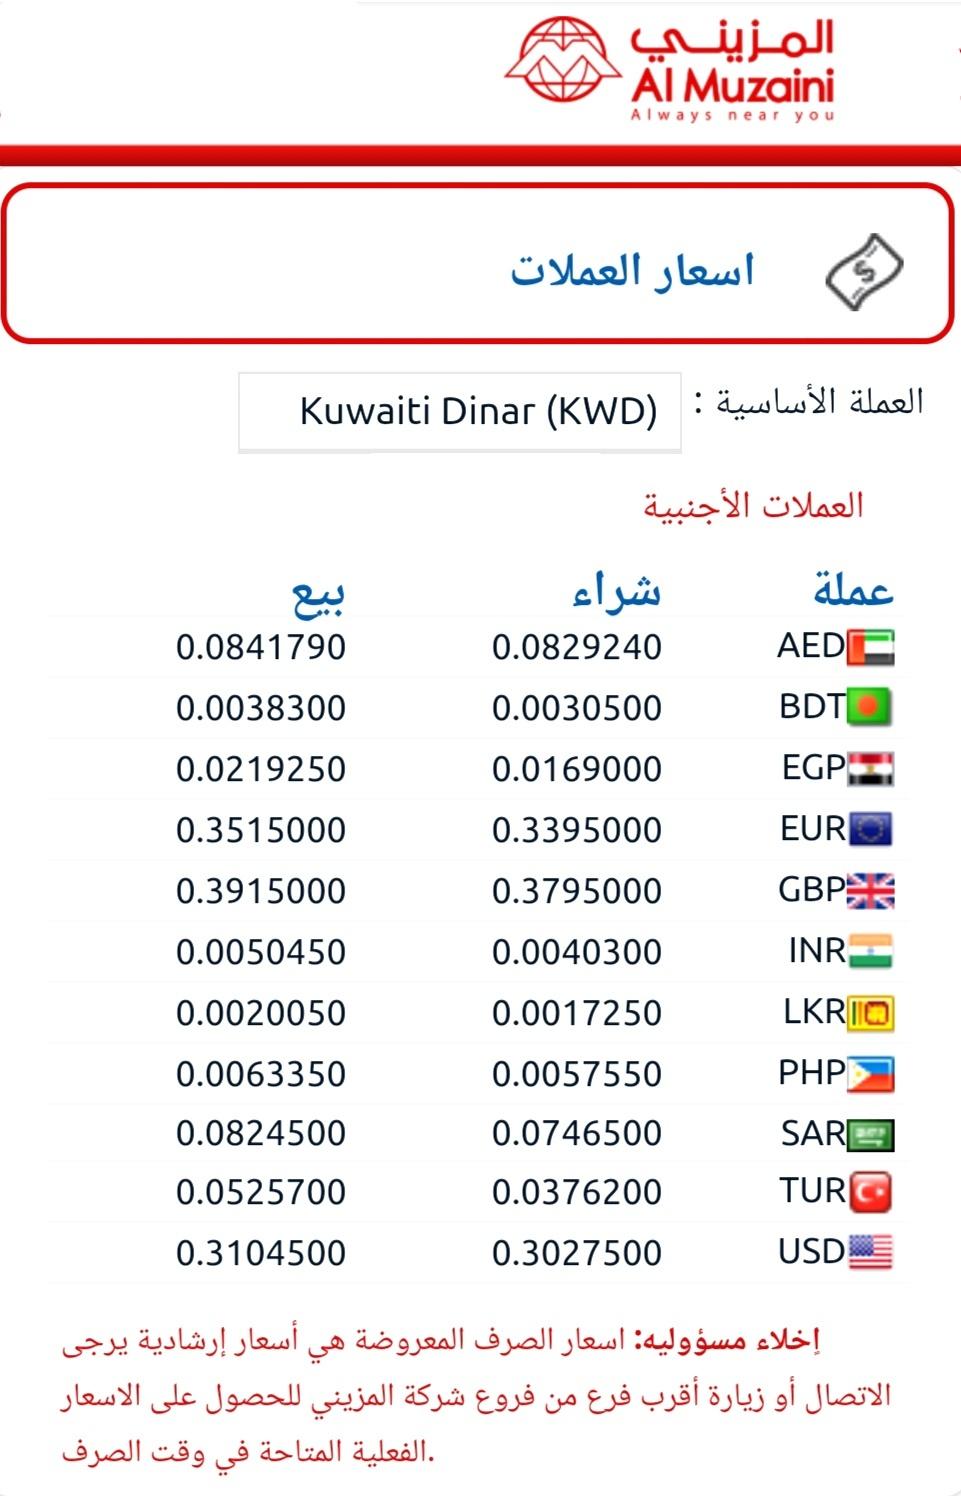 سعر الدينار الكويتي مقابل الجنيه المصري اليوم في المزيني اسعار العملات اليوم ١٩ يونيو